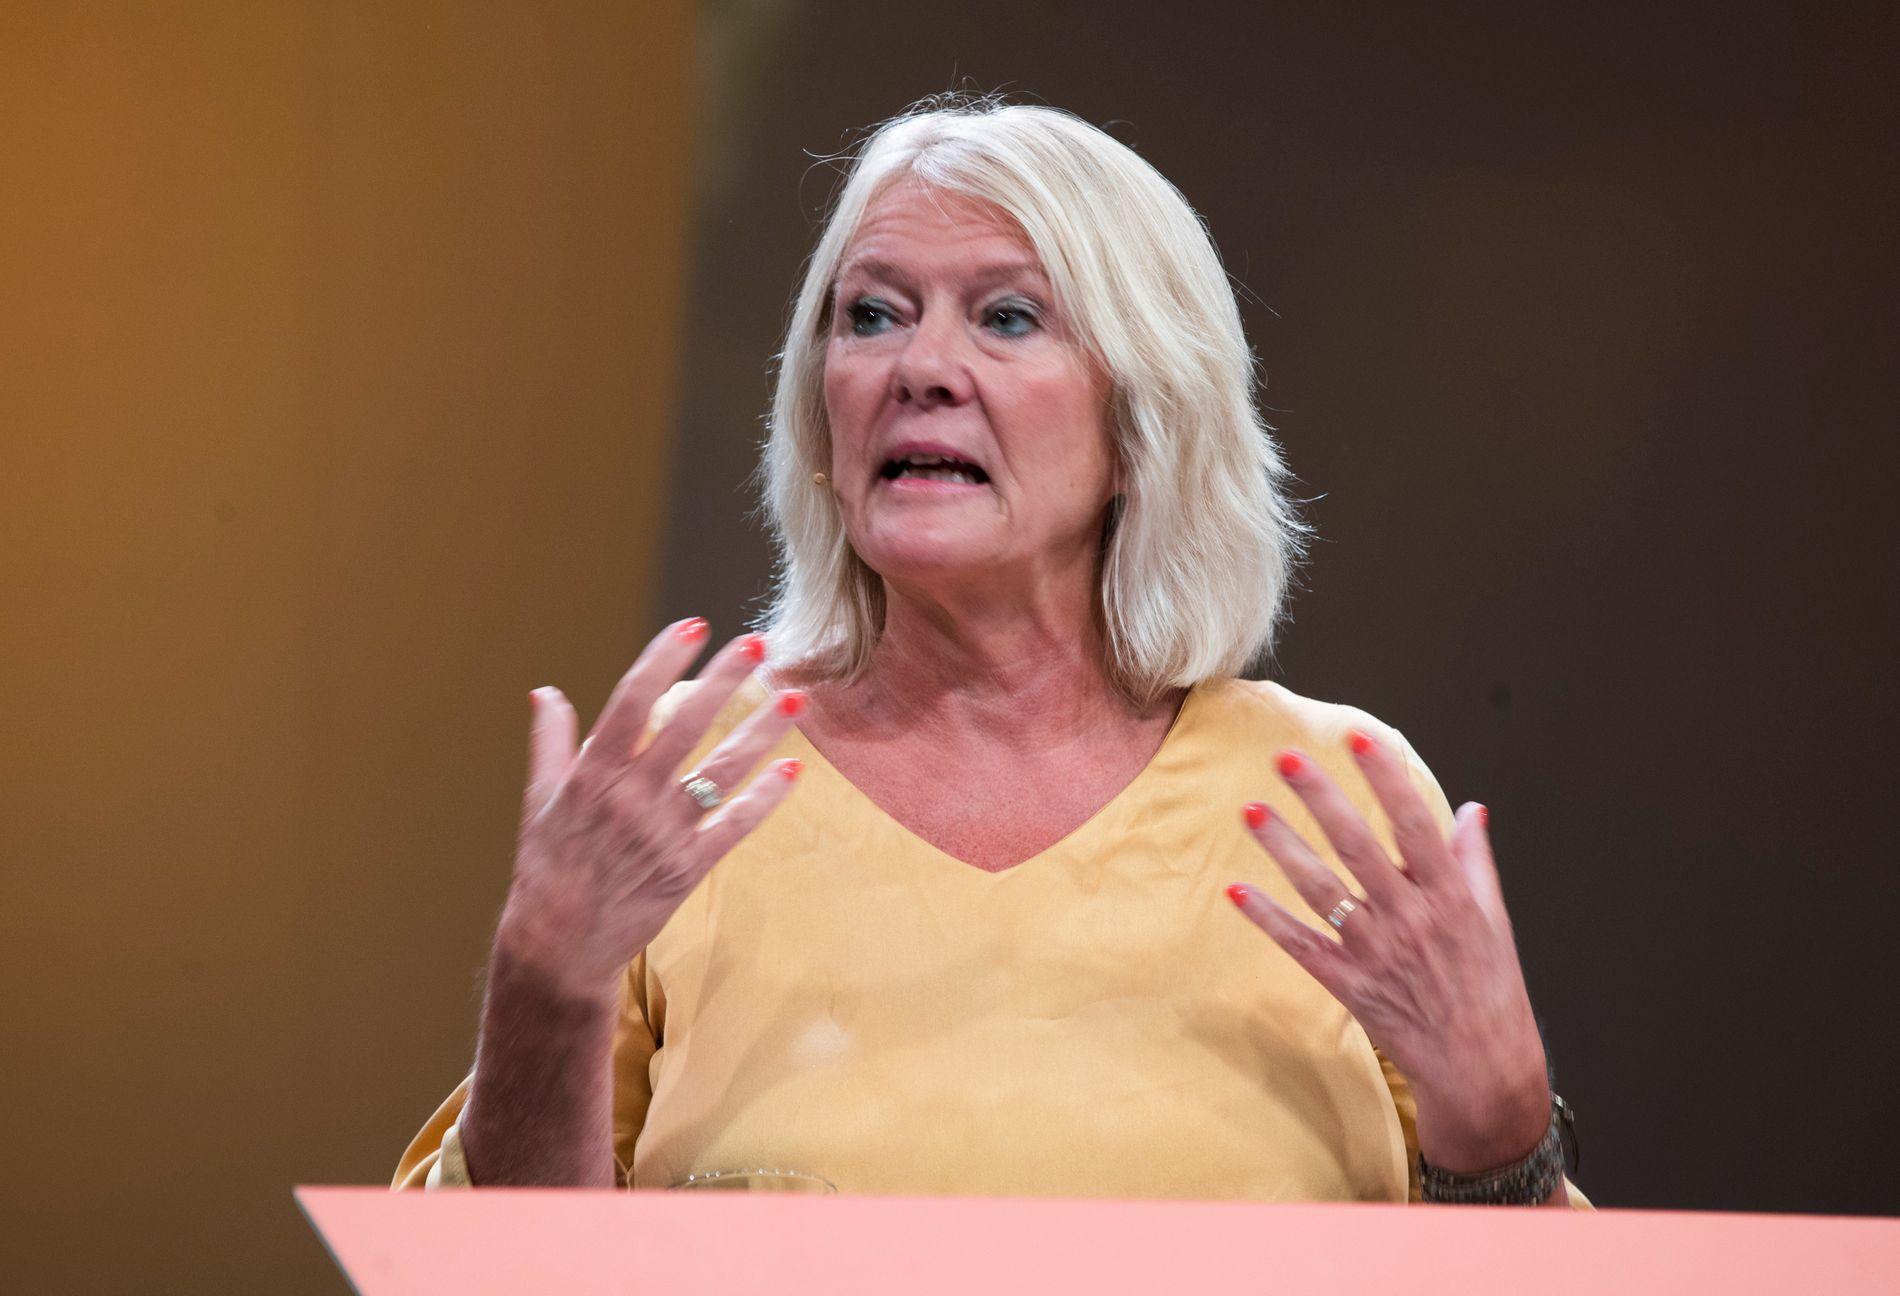 VIKTIG SAK: Jeg har aldri sagt eller ment at abortsaken ikke var viktig for KrF. Men mange kommentatorer tillegger abortsaken for avgjørende betydning når de skal bedømme hvorfor flertallet på KrF-landsmøtet stemte «blått», skriver Kristin Clemet.